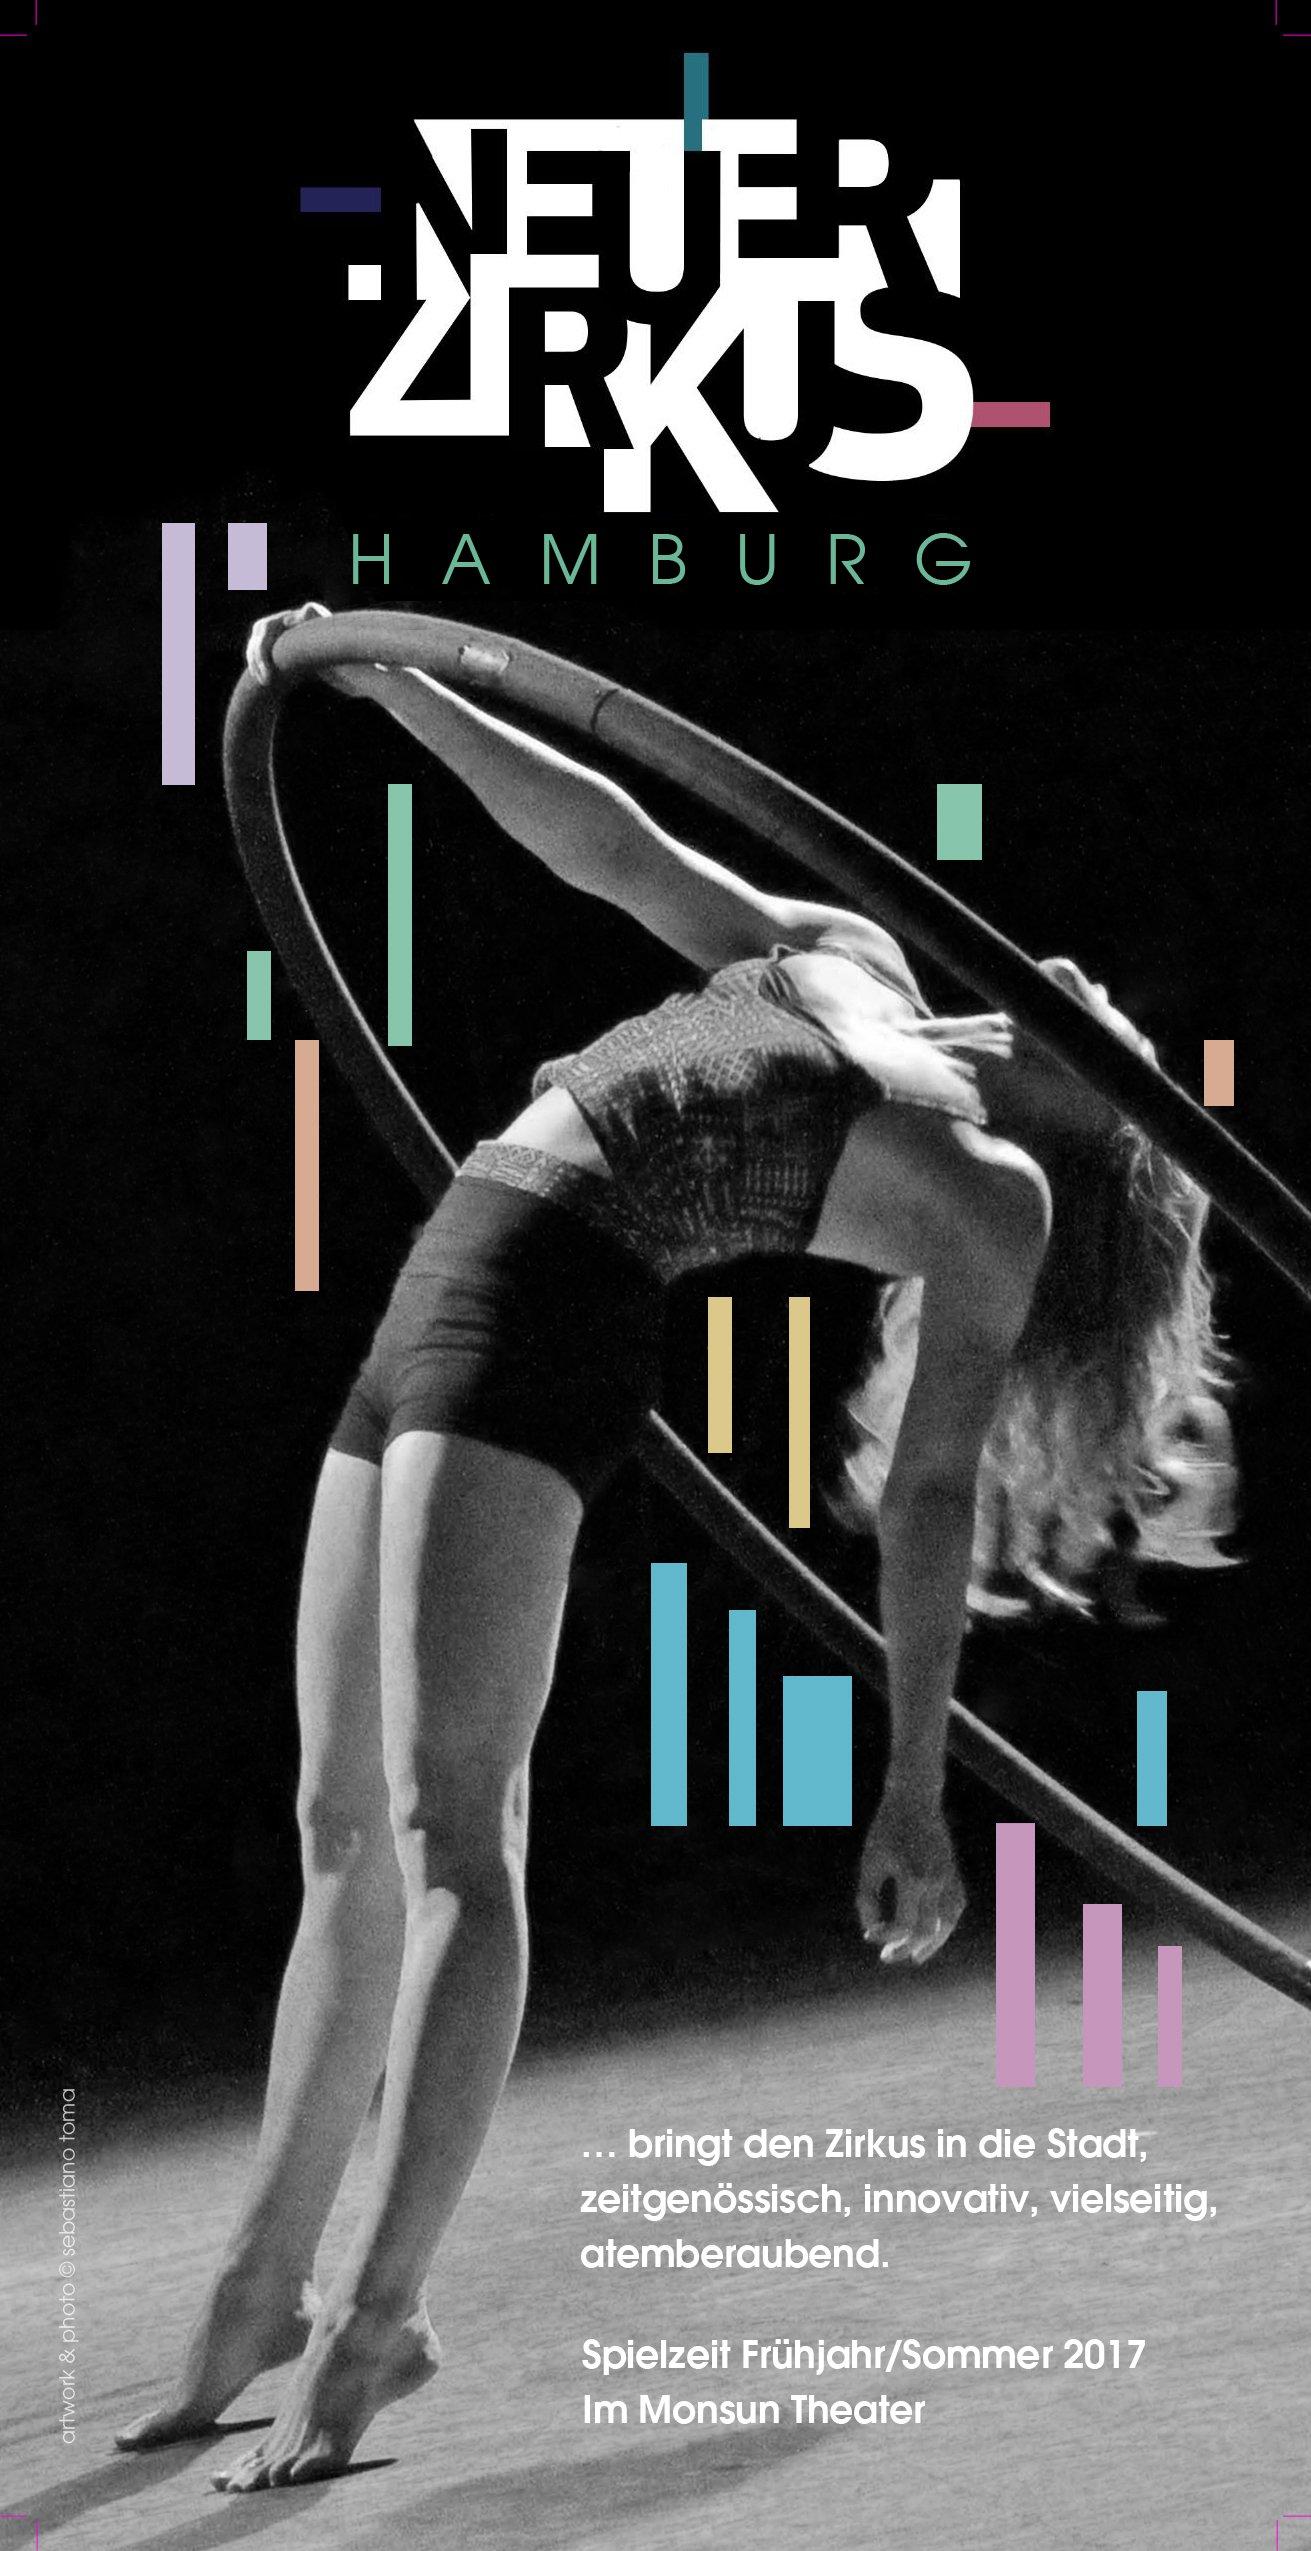 Neuer Circus Hamburg, Sebastiano Toma,